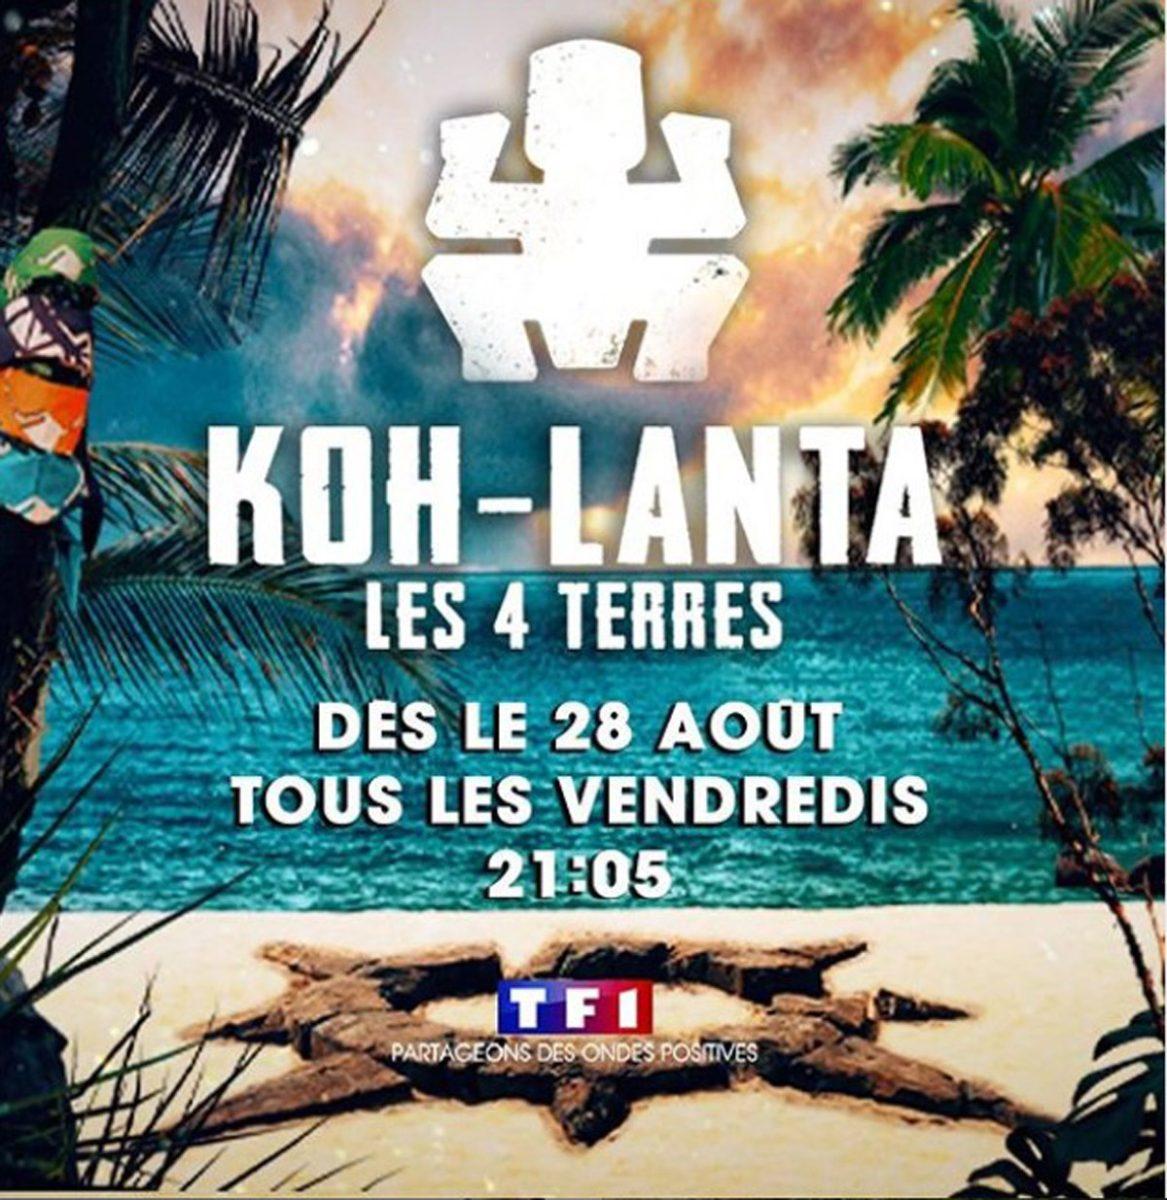 « Koh-Lanta » : découvrez en avant-première les profils des aventuriers !